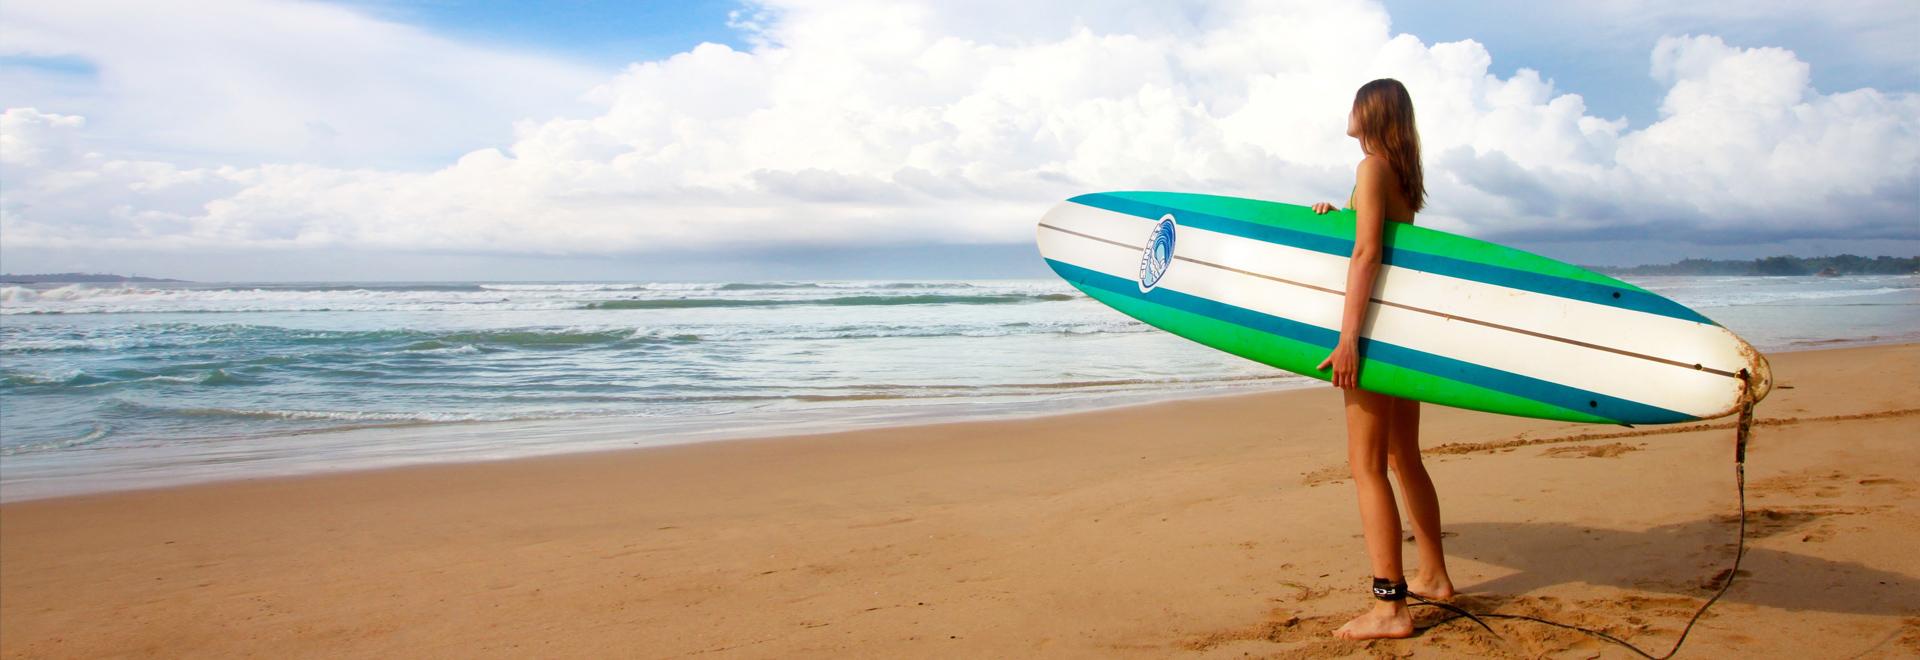 SUP & Surfen - der neue Trend